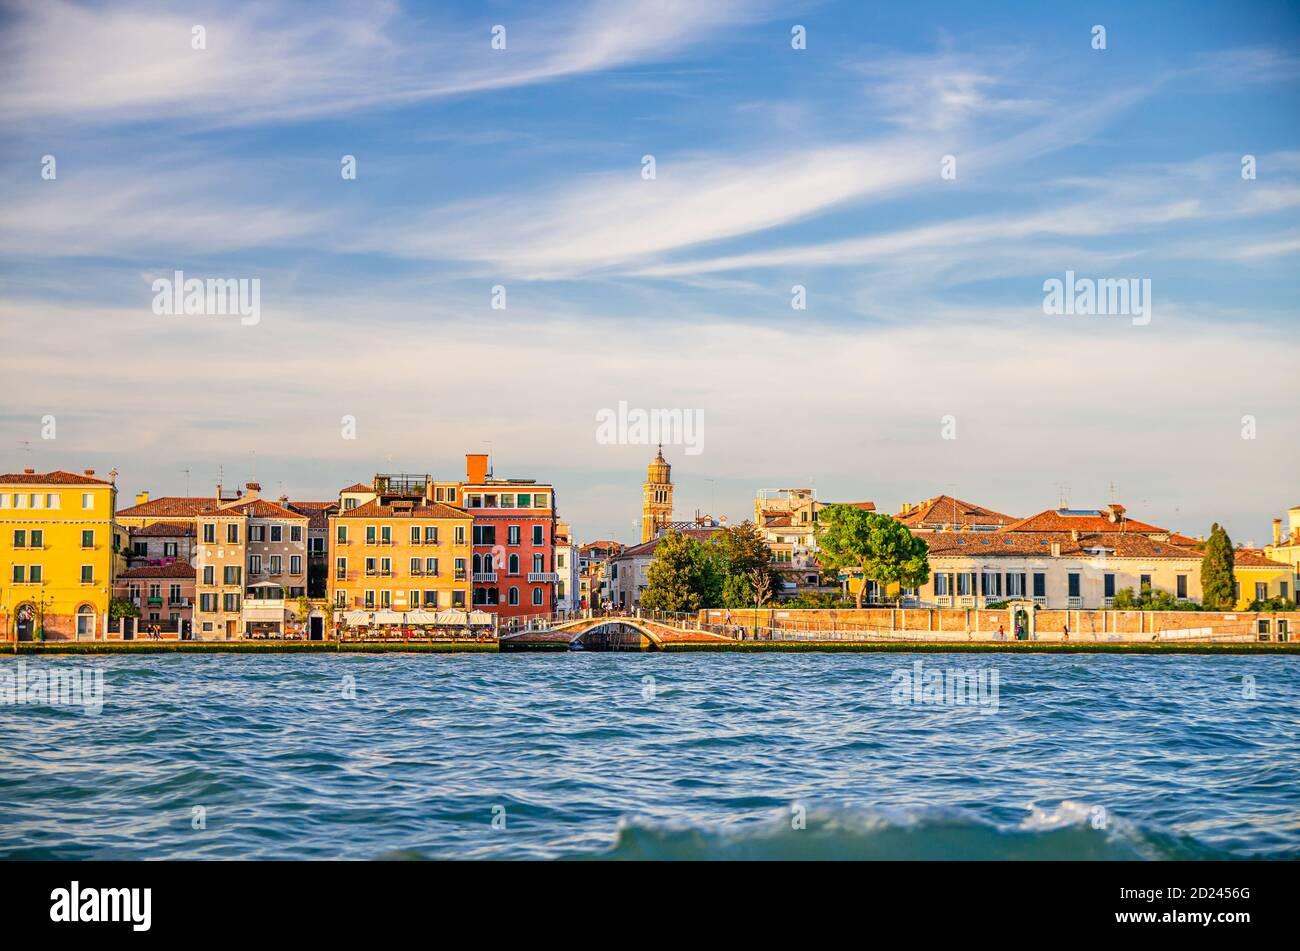 Remblai de Fondamenta Zattere ai Gesuati dans le centre historique de Venise Dorsoduro sestiere, vue de l'eau du canal Giudecca, région de Vénétie, nord de l'Italie Banque D'Images